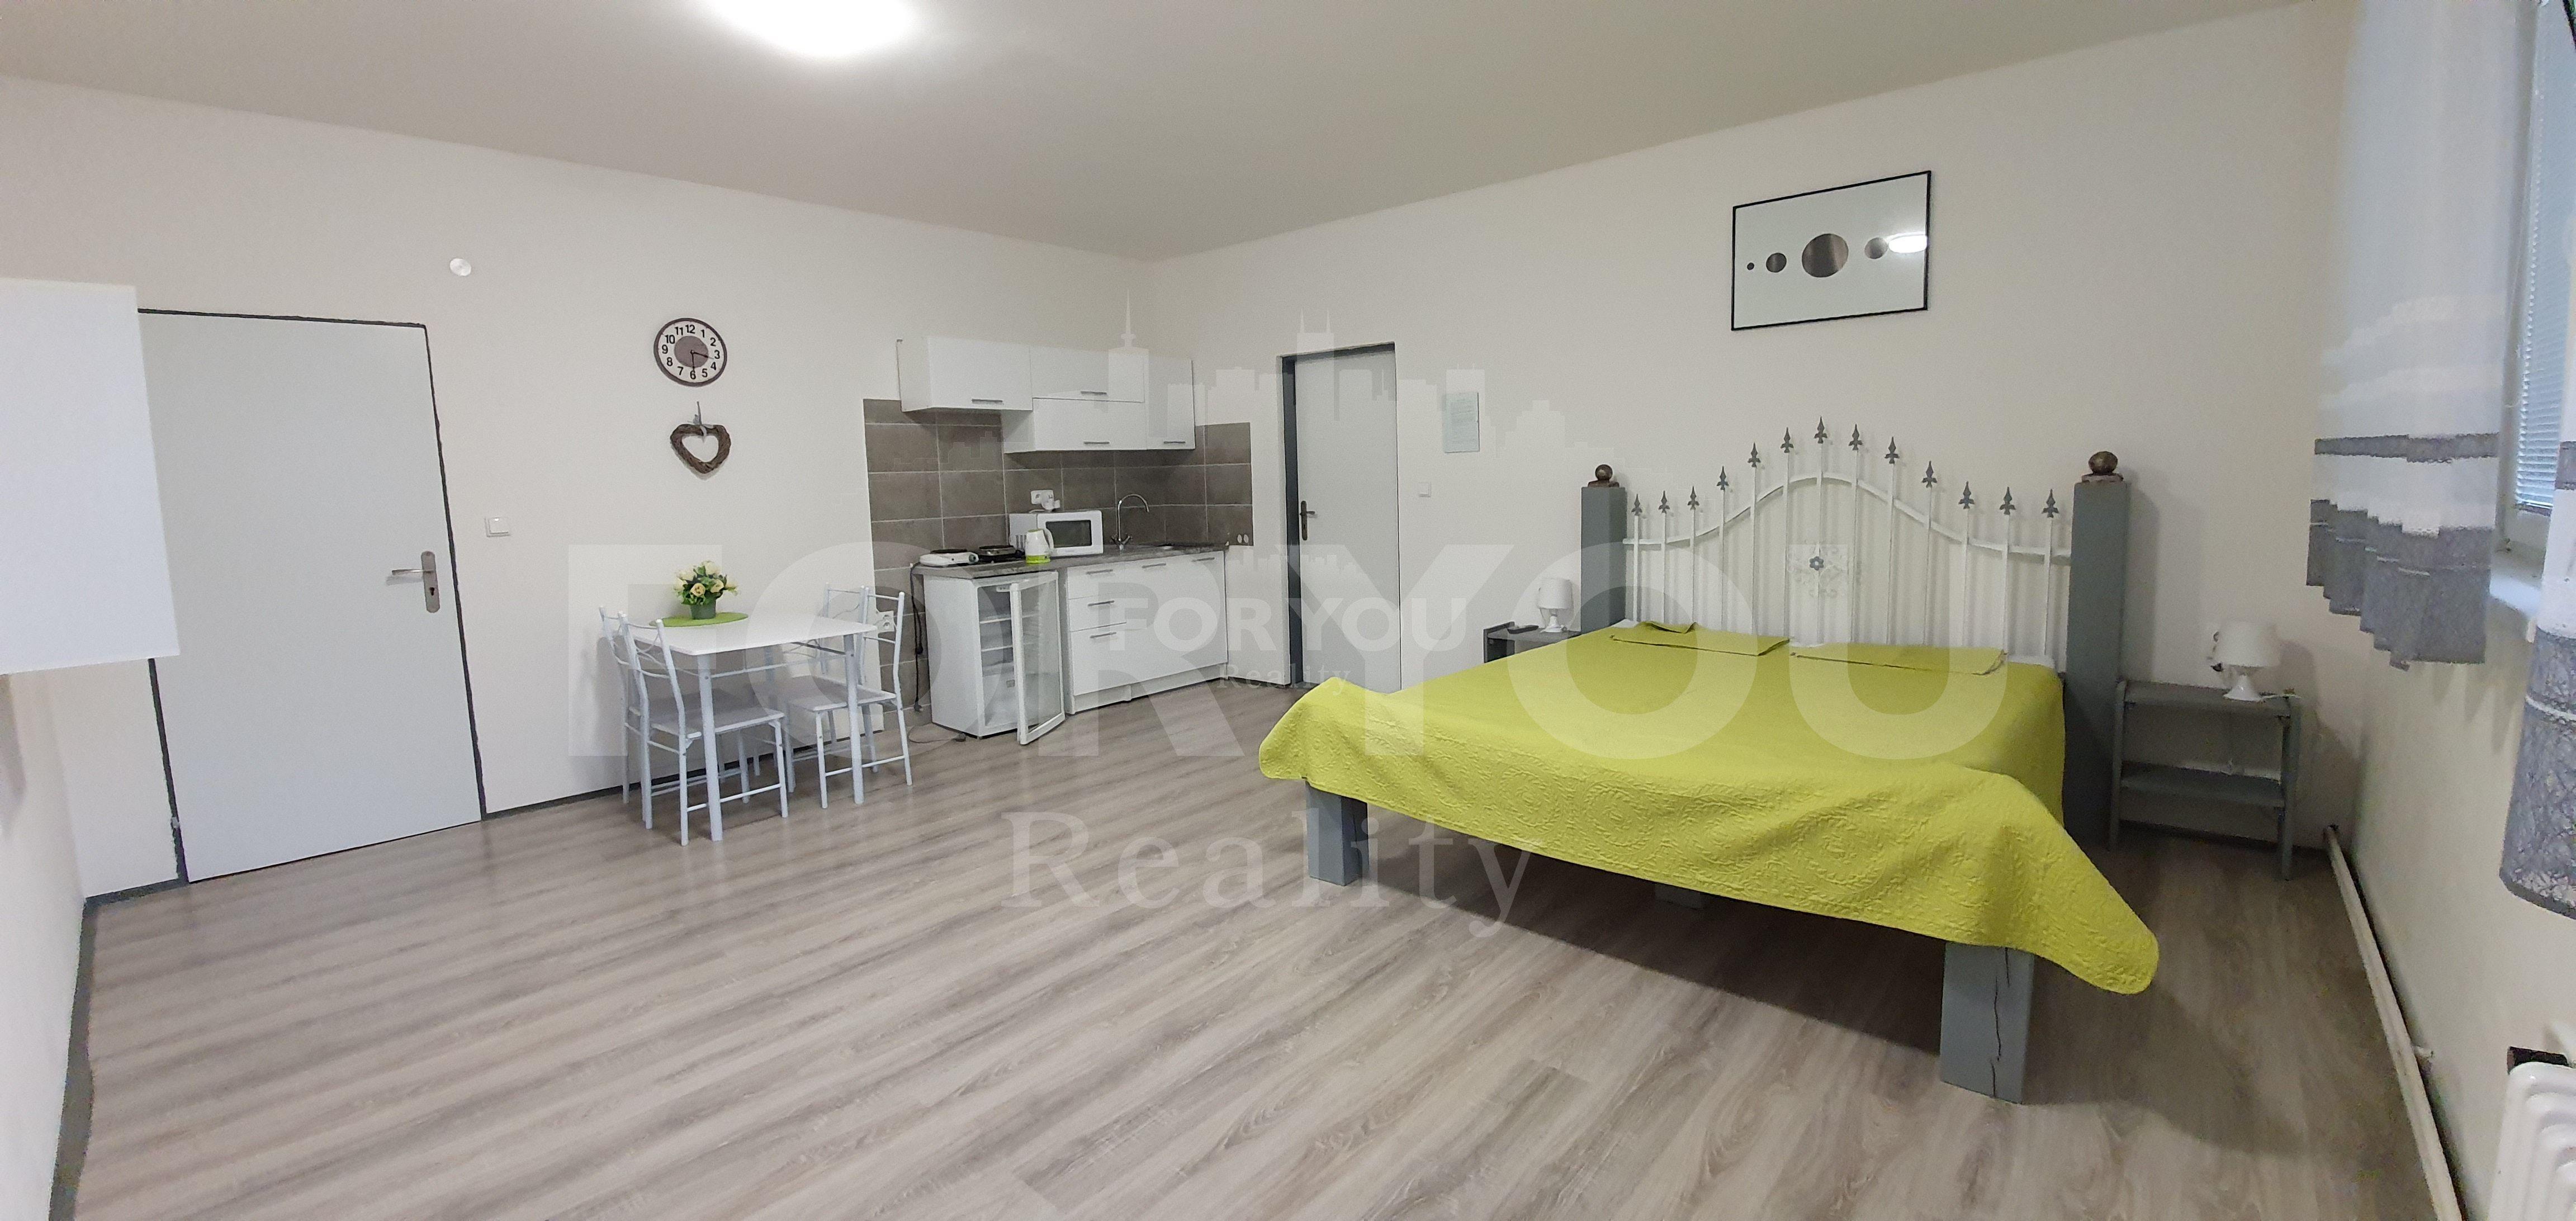 Apartmán 36m2 (1+kk) Bystřice